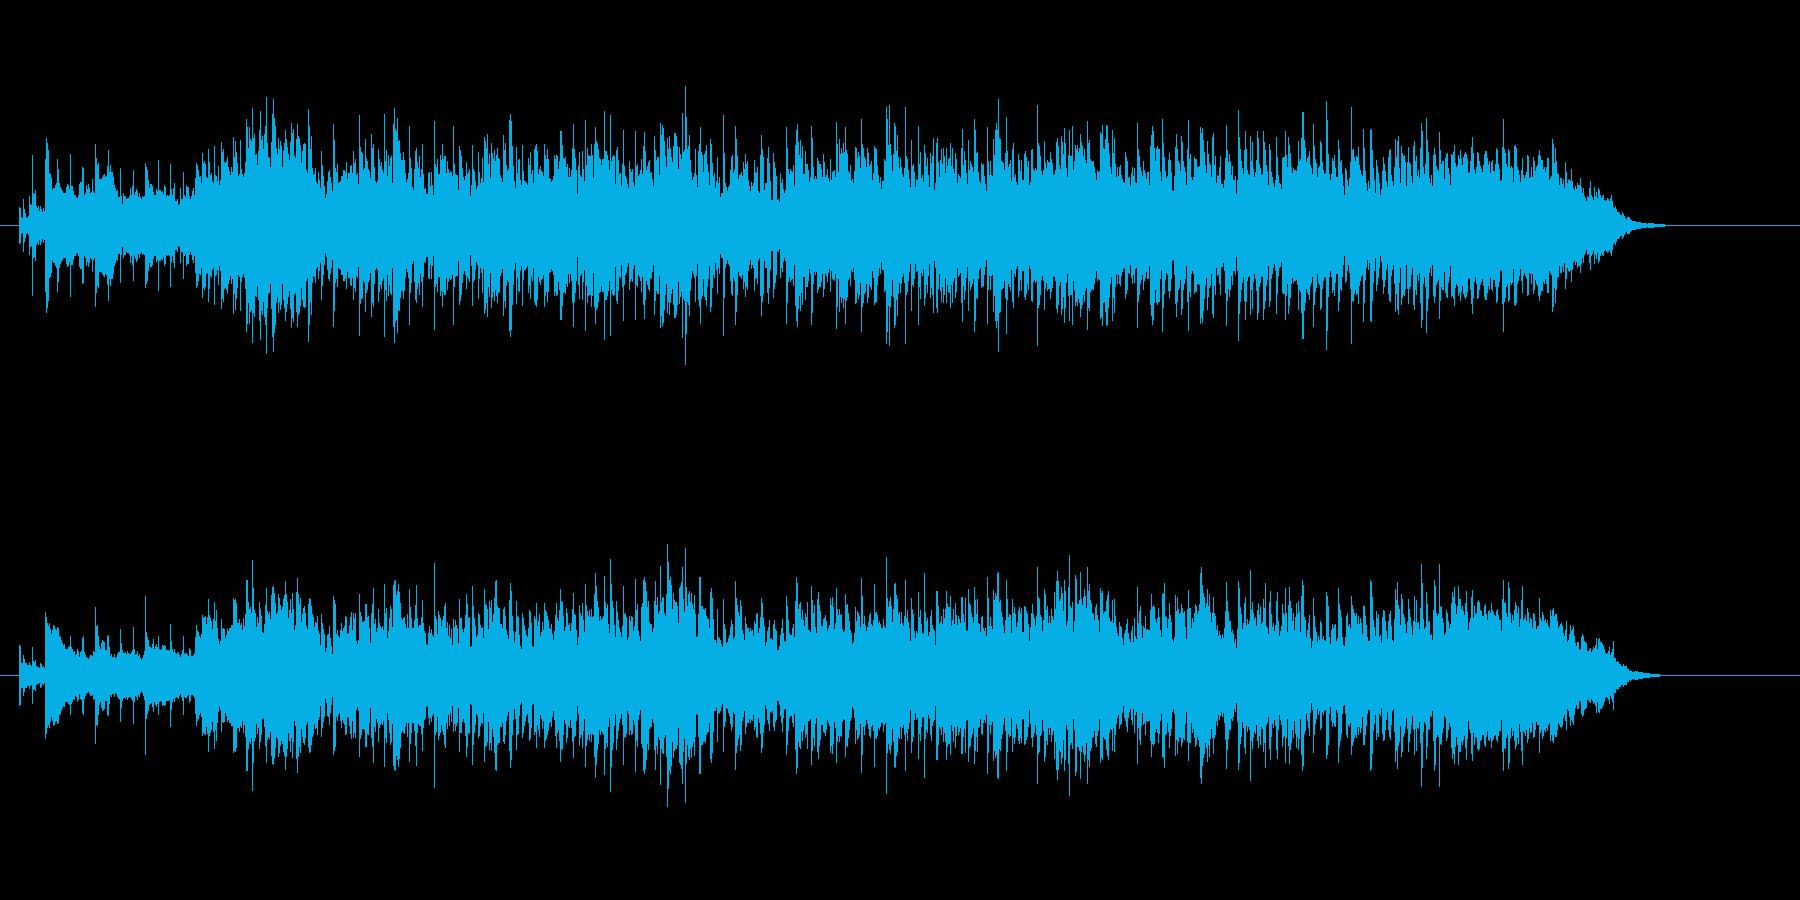 美しいメロディーの8ビート・ポップスの再生済みの波形